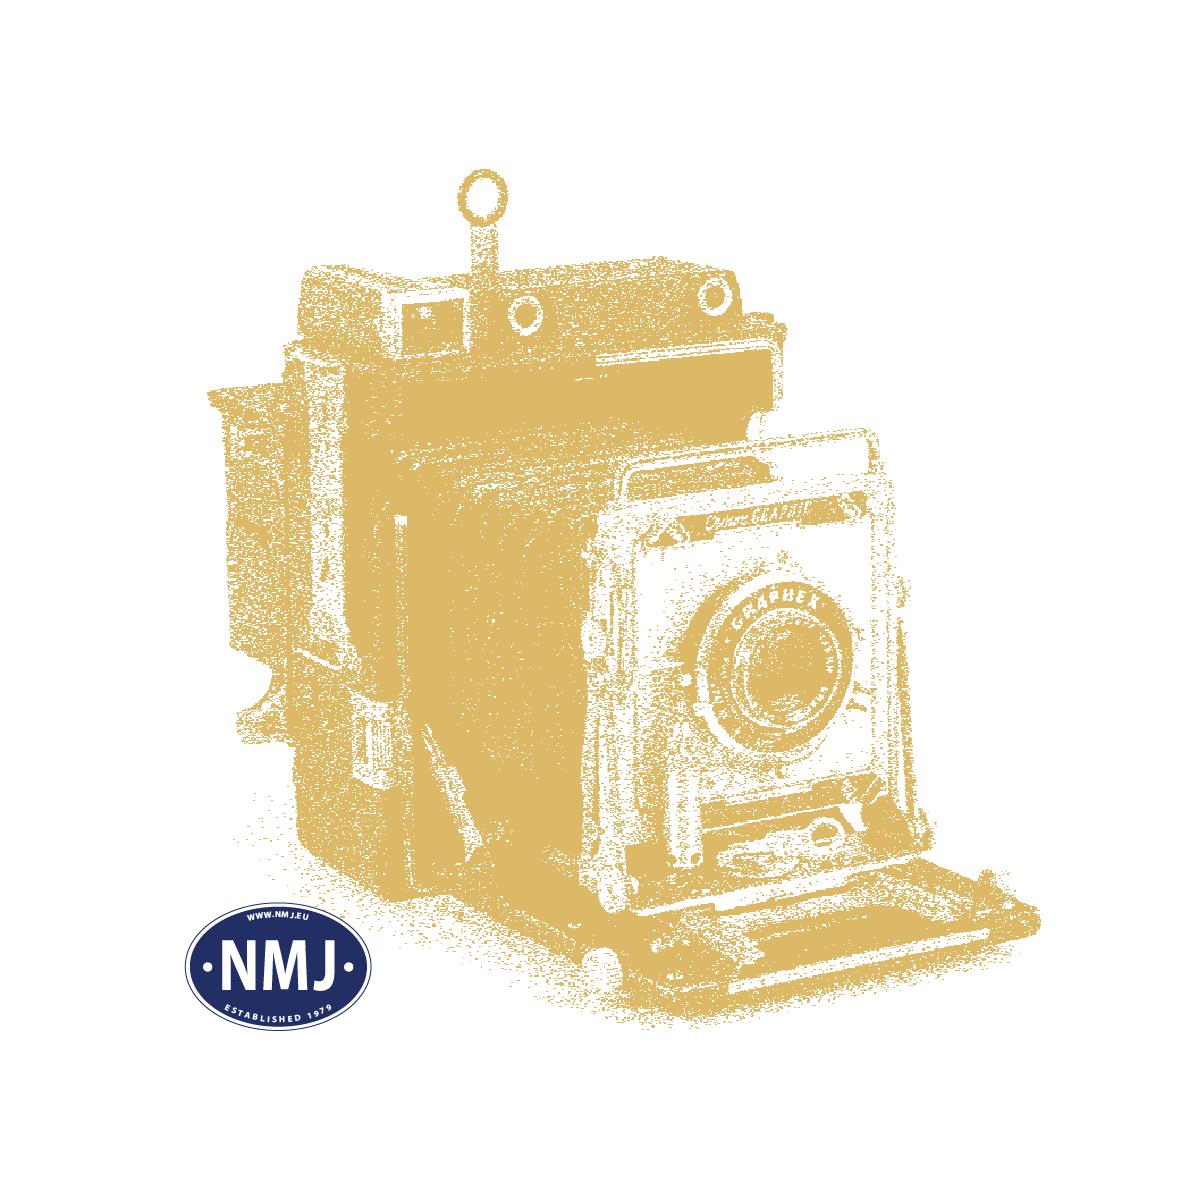 NMJST316544 - NMJ Superline NSB Stakevogn T3 16544